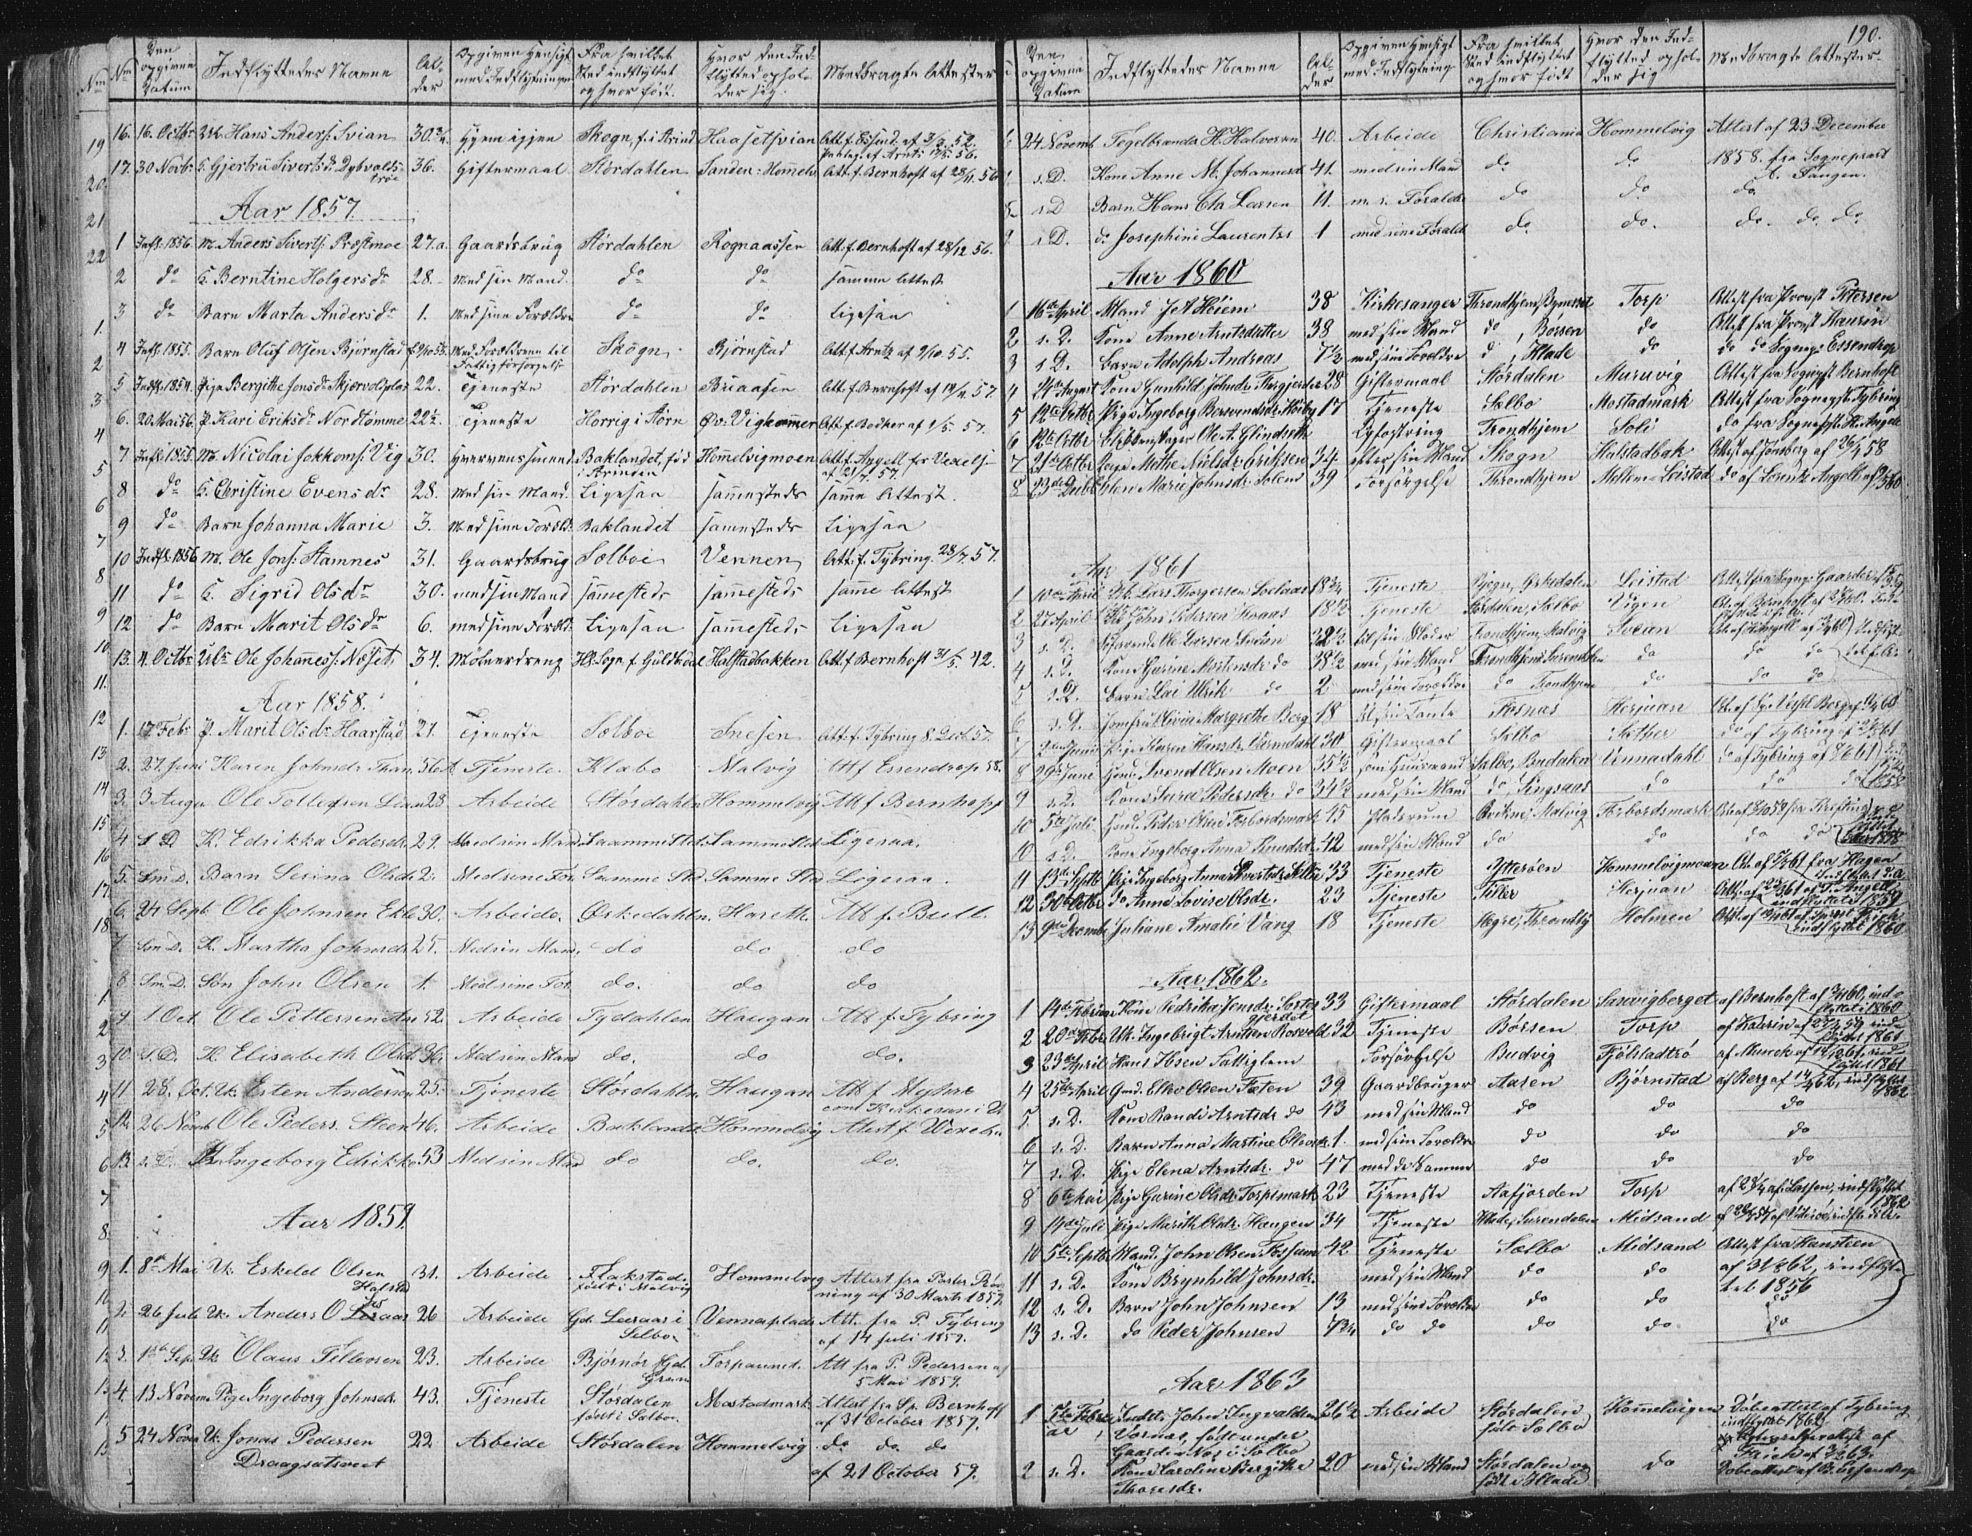 SAT, Ministerialprotokoller, klokkerbøker og fødselsregistre - Sør-Trøndelag, 616/L0406: Ministerialbok nr. 616A03, 1843-1879, s. 190